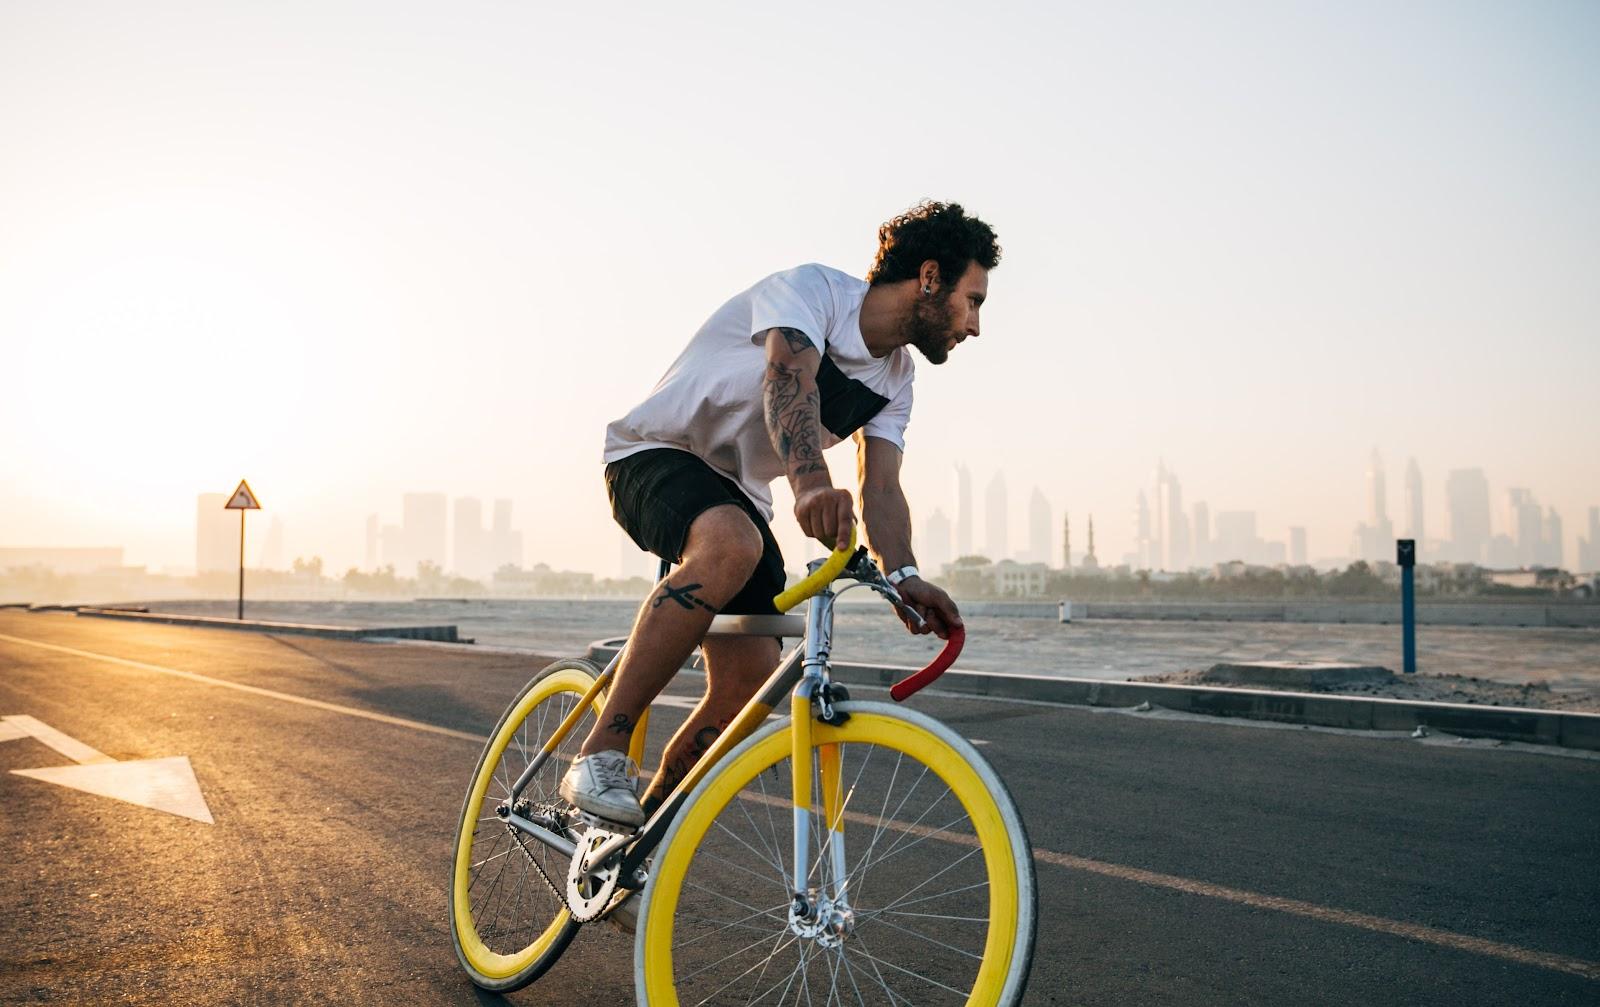 uomo in bici su lungomare che sterza per fare inversione su bici bianca con ruote gialle indirizzare l'attenzione